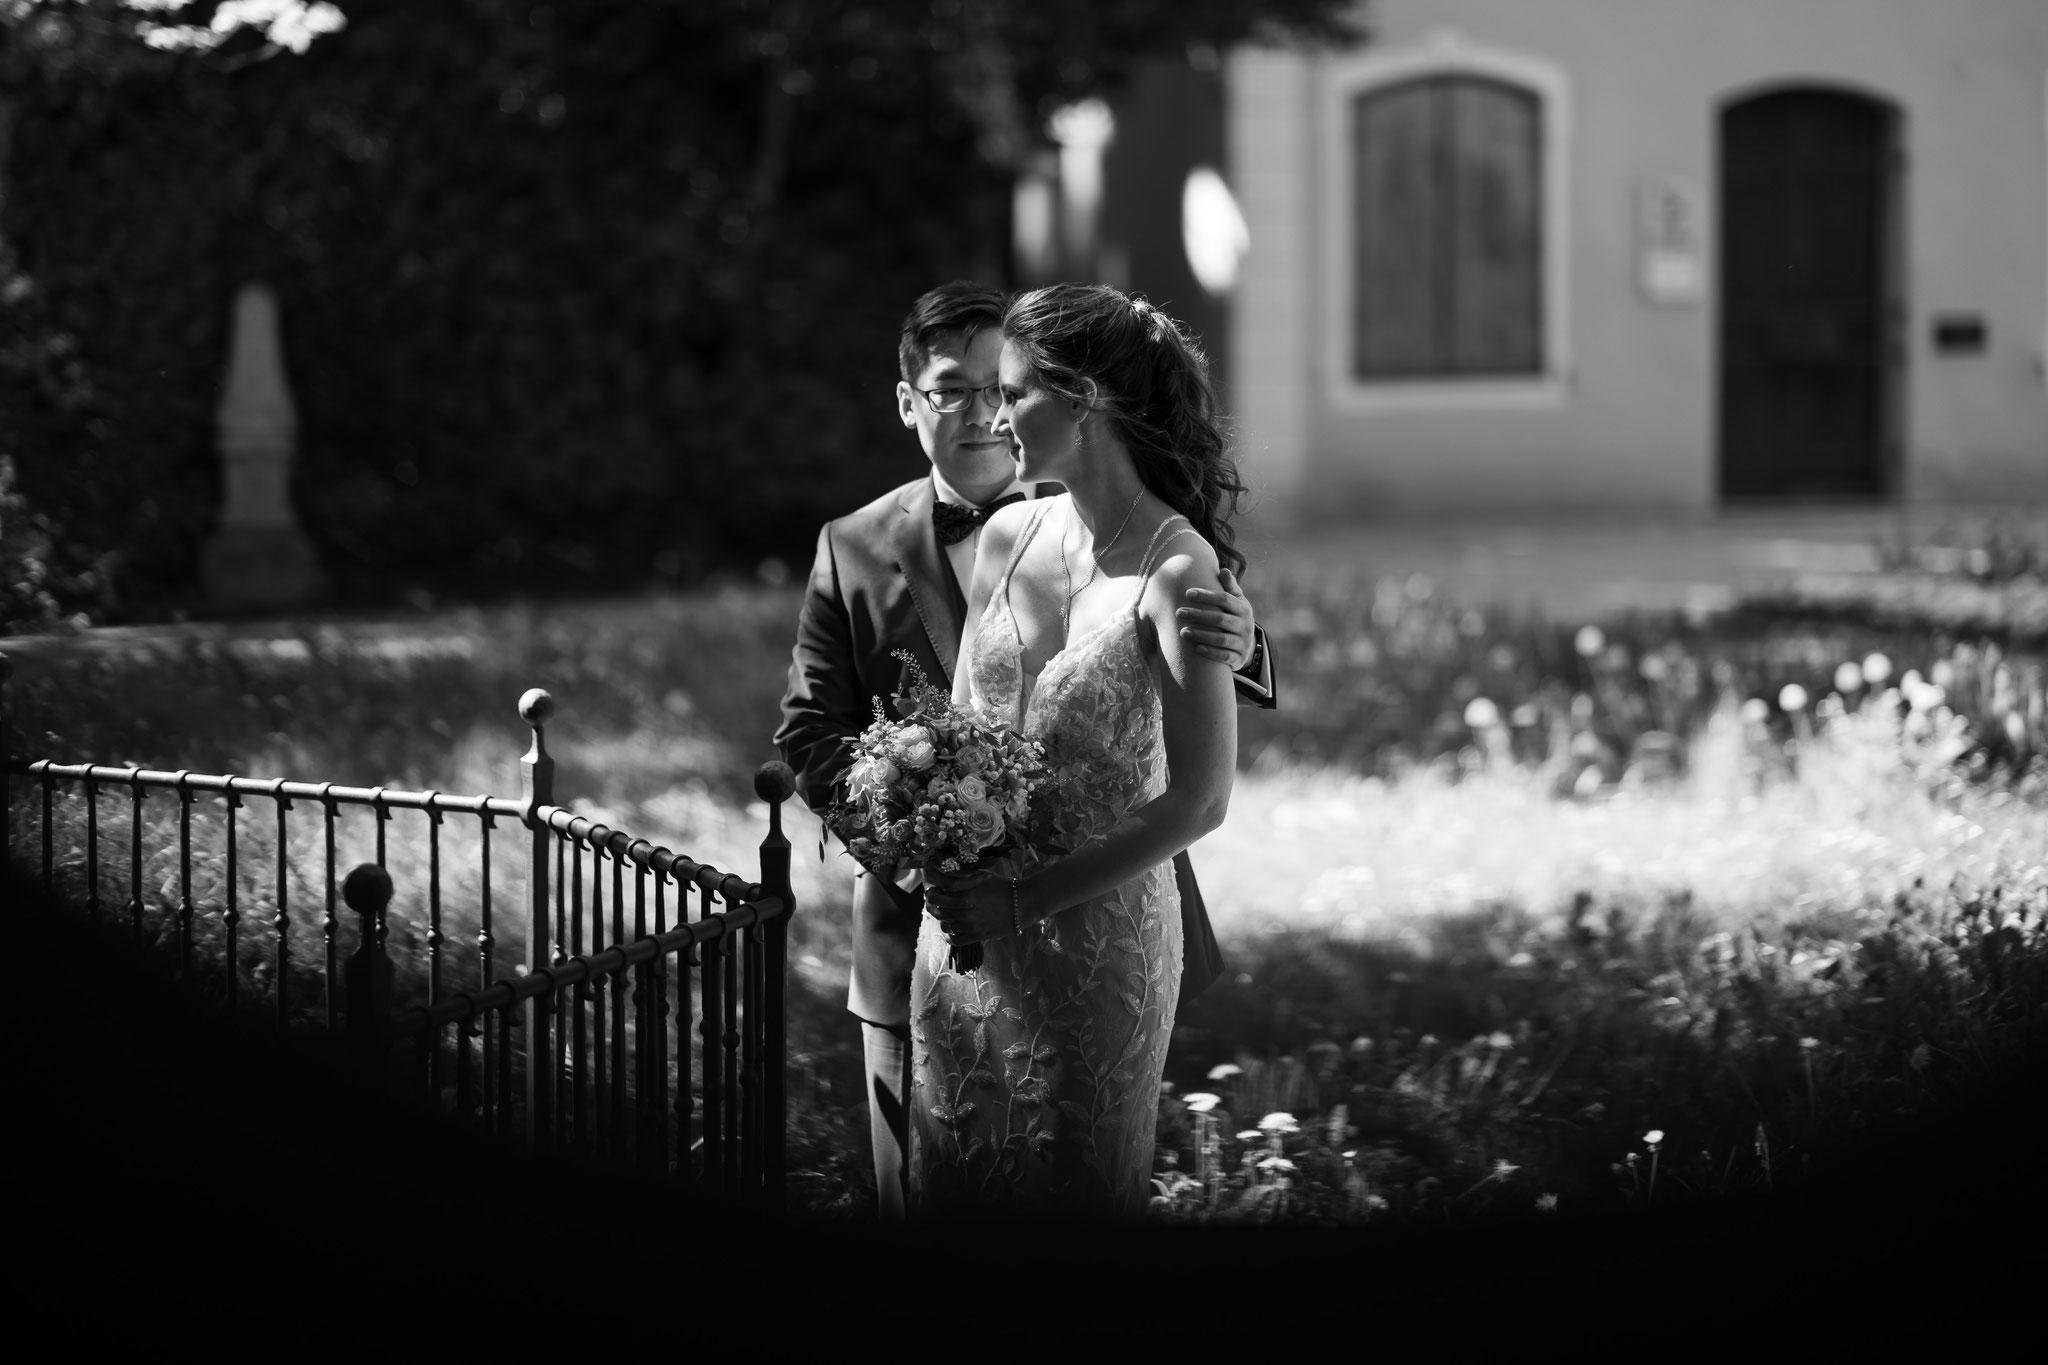 Retro Hochzeitsfotografie in schwarz weiß